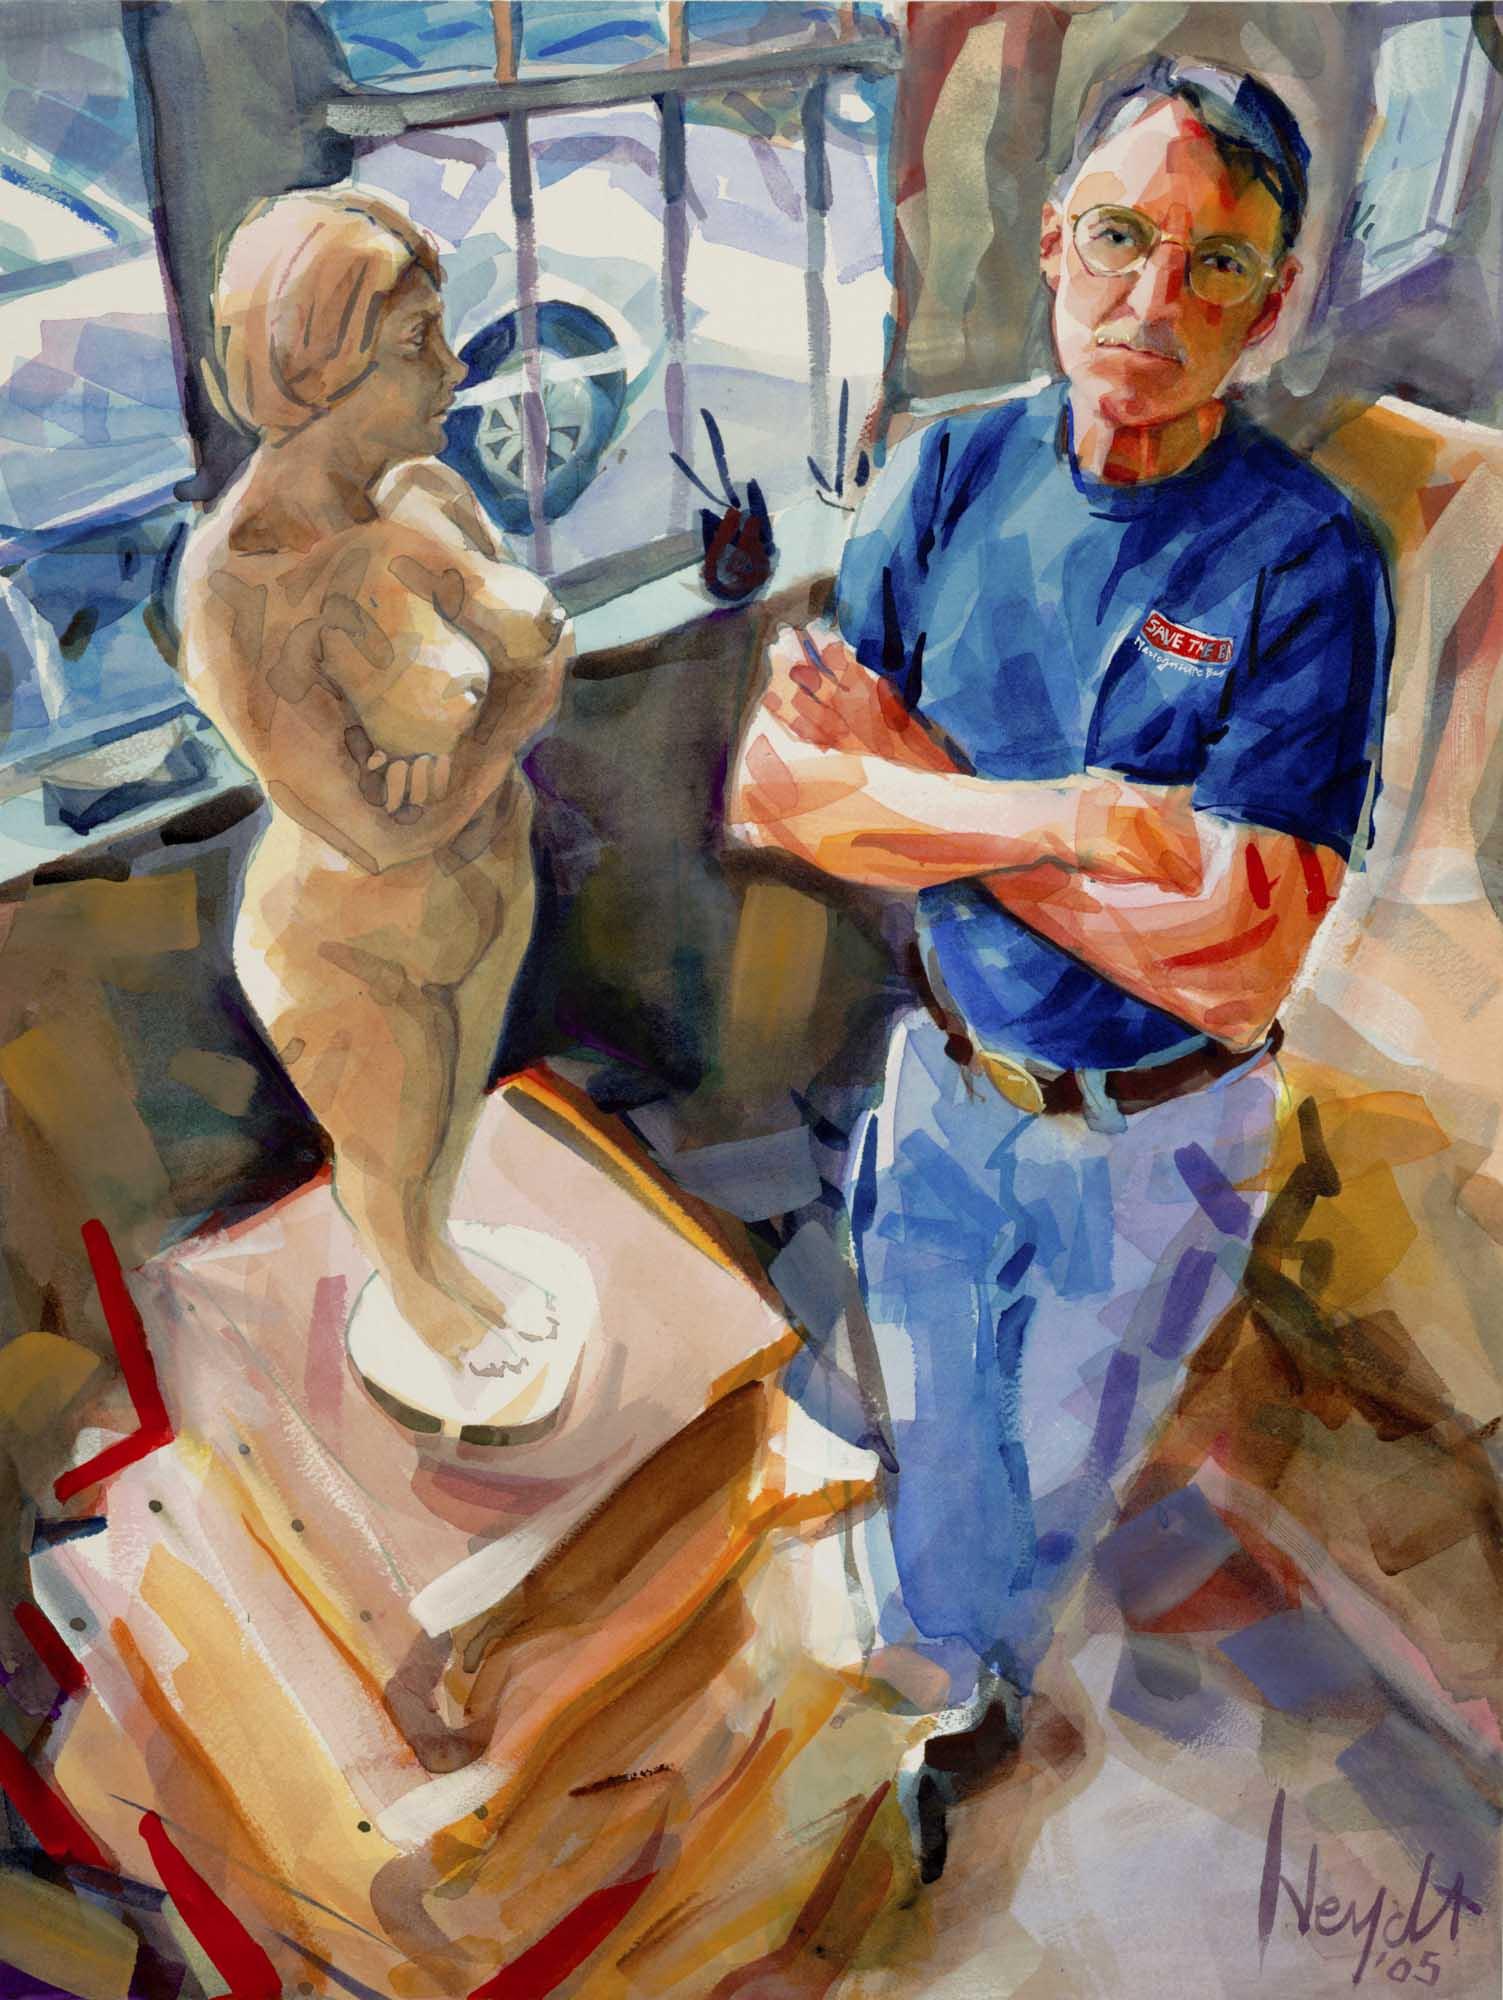 Man And Sculpture.jpg